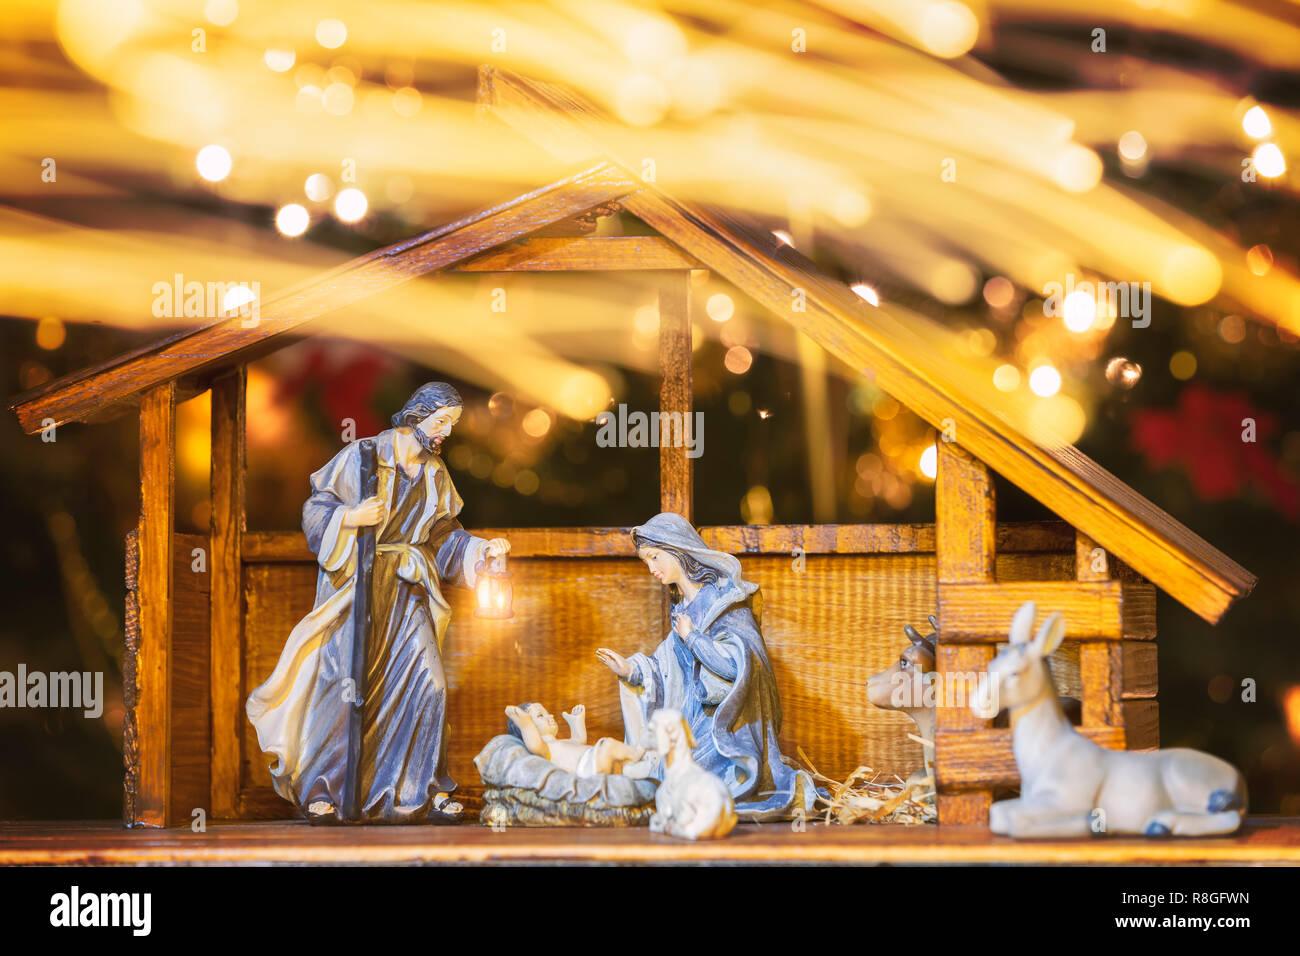 Bilder Weihnachten Krippe.Weihnachten Krippe Mit Figuren Wie Jesus Maria Joseph Und Schafe